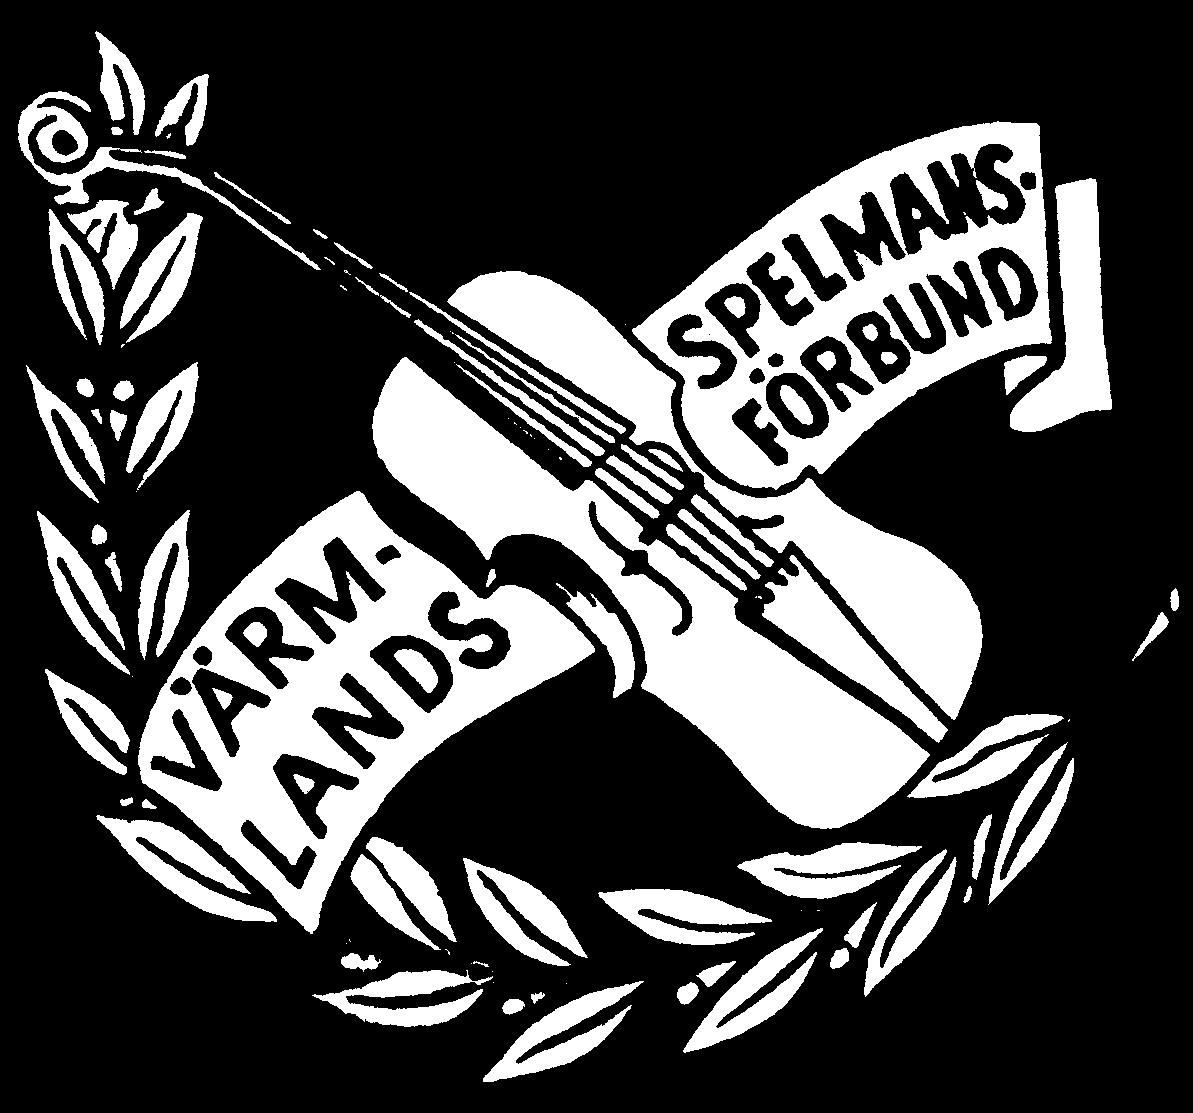 Värmlands Spelmansförbund